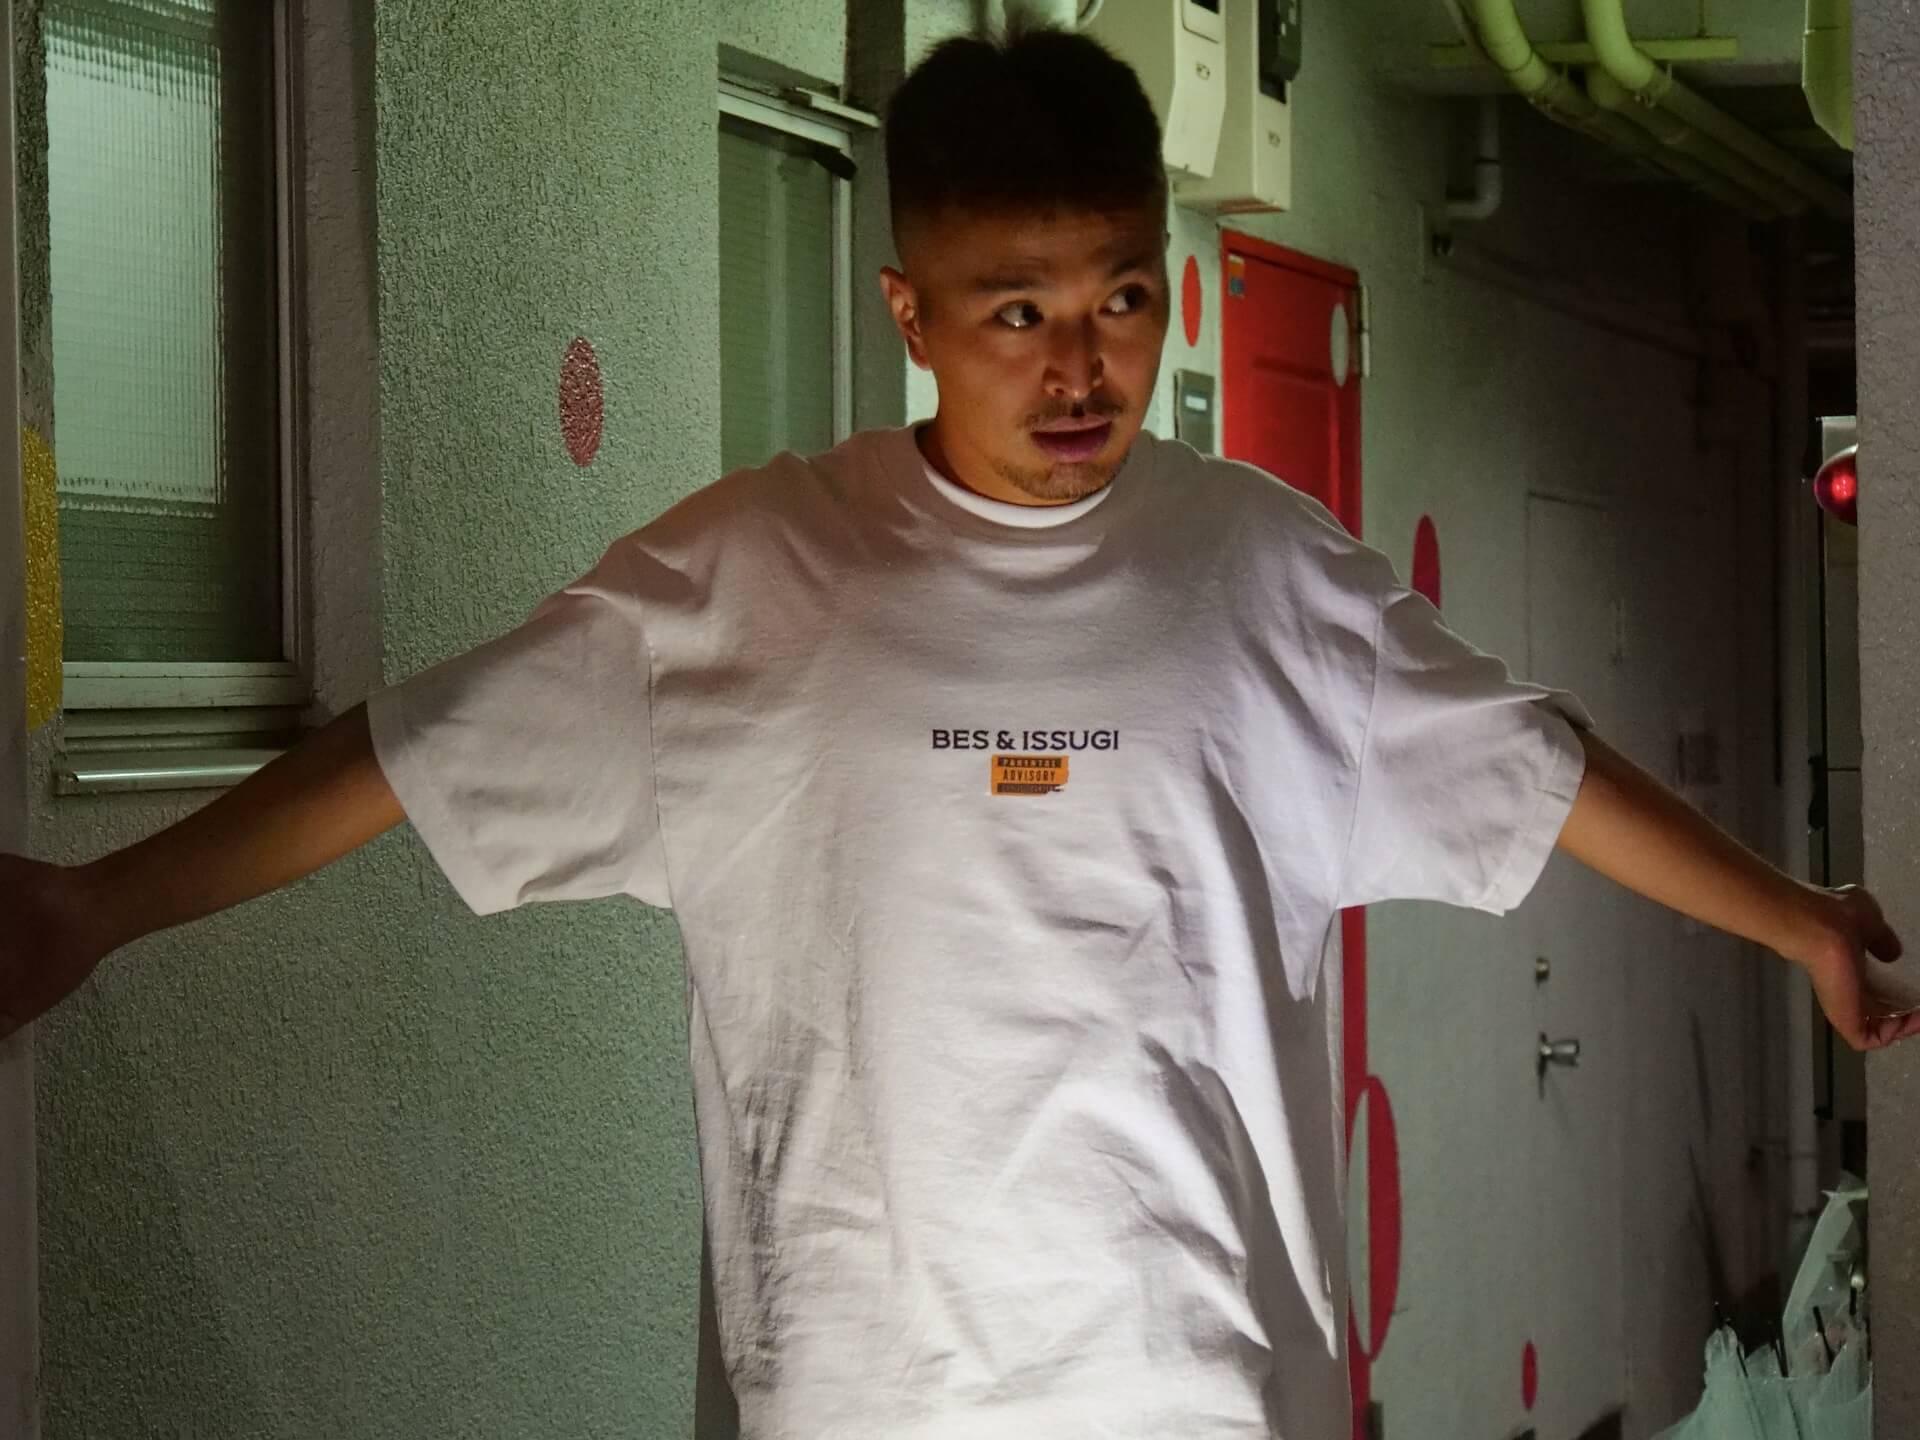 BESとISSUGIによる傑作ジョイントAL第2弾『Purple Ability』のジャケット、ロゴを用いたTシャツが完全限定で発売!予約受付が本日よりスタート! music200803-bes-issugi-4